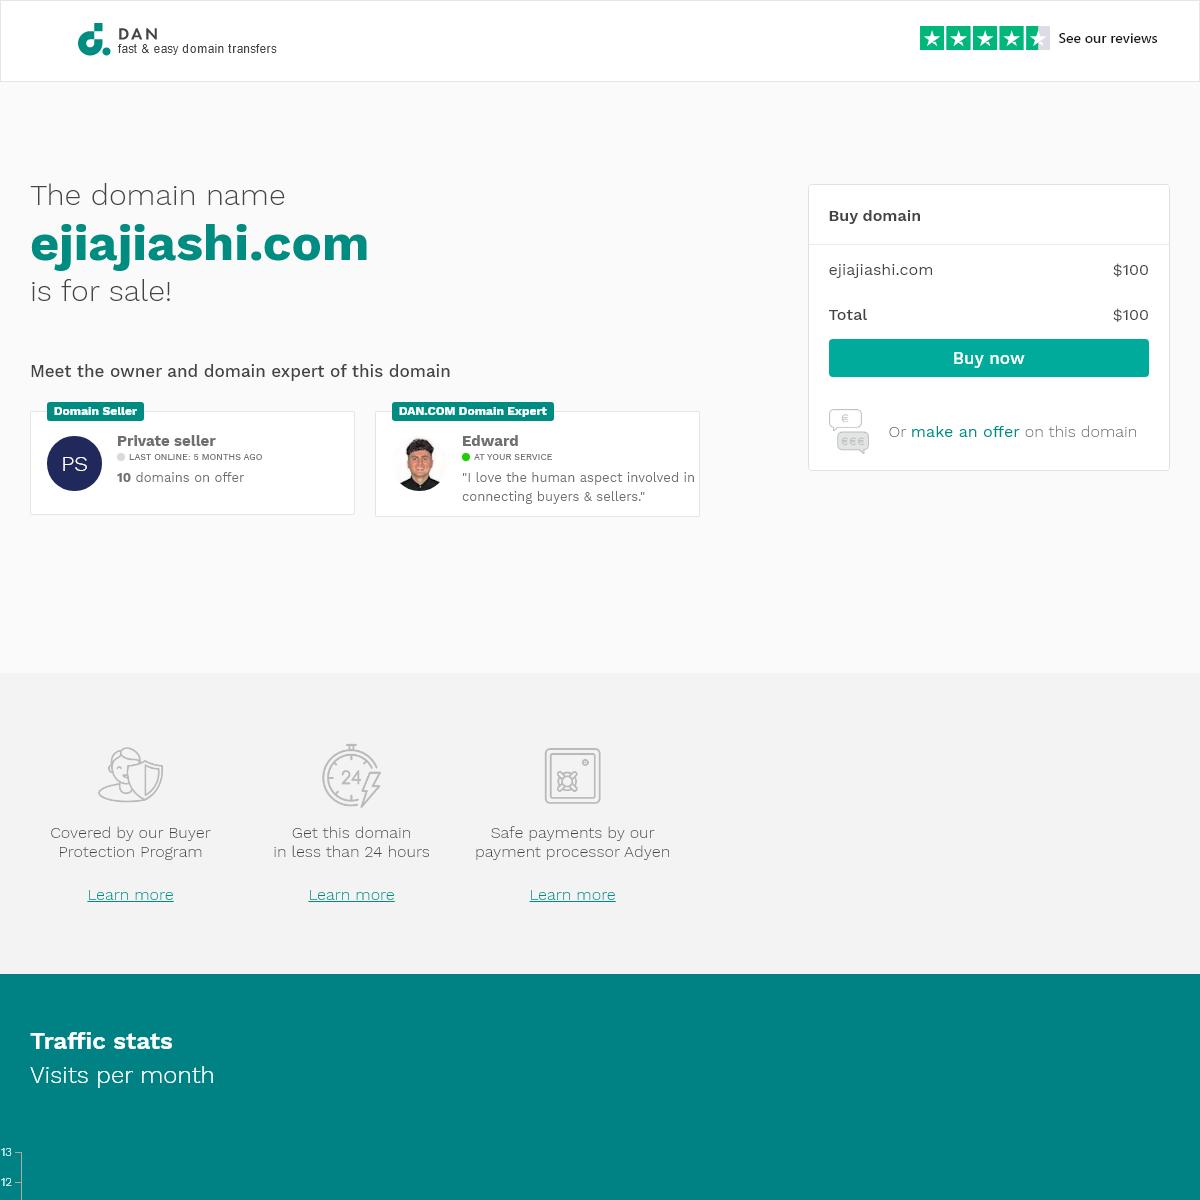 The domain name ejiajiashi.com is for sale